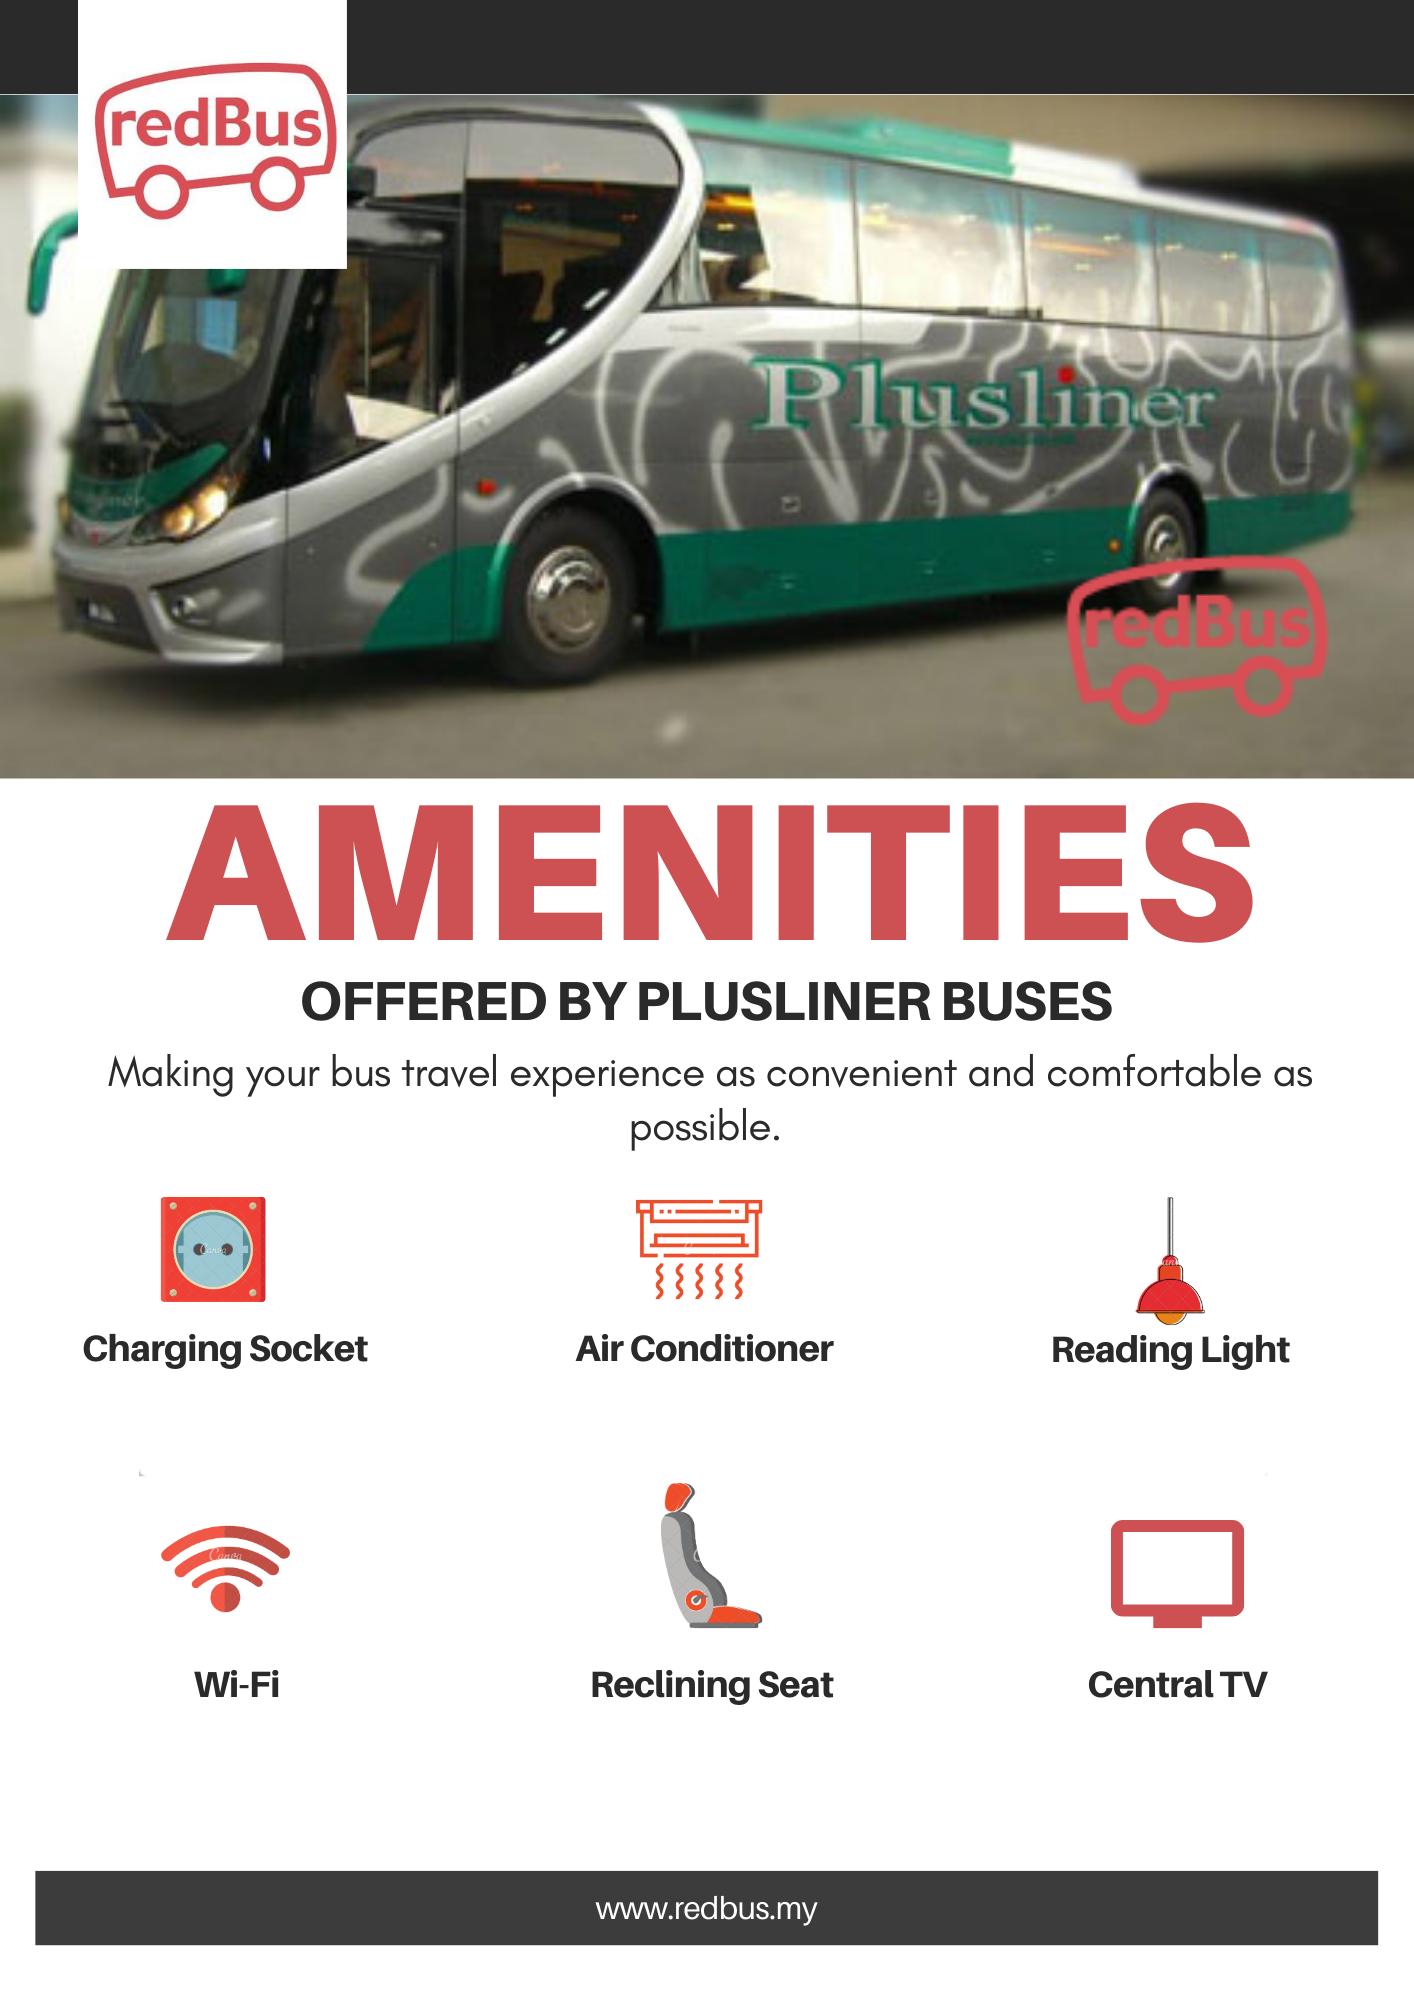 Amenities in Plusliner Buses